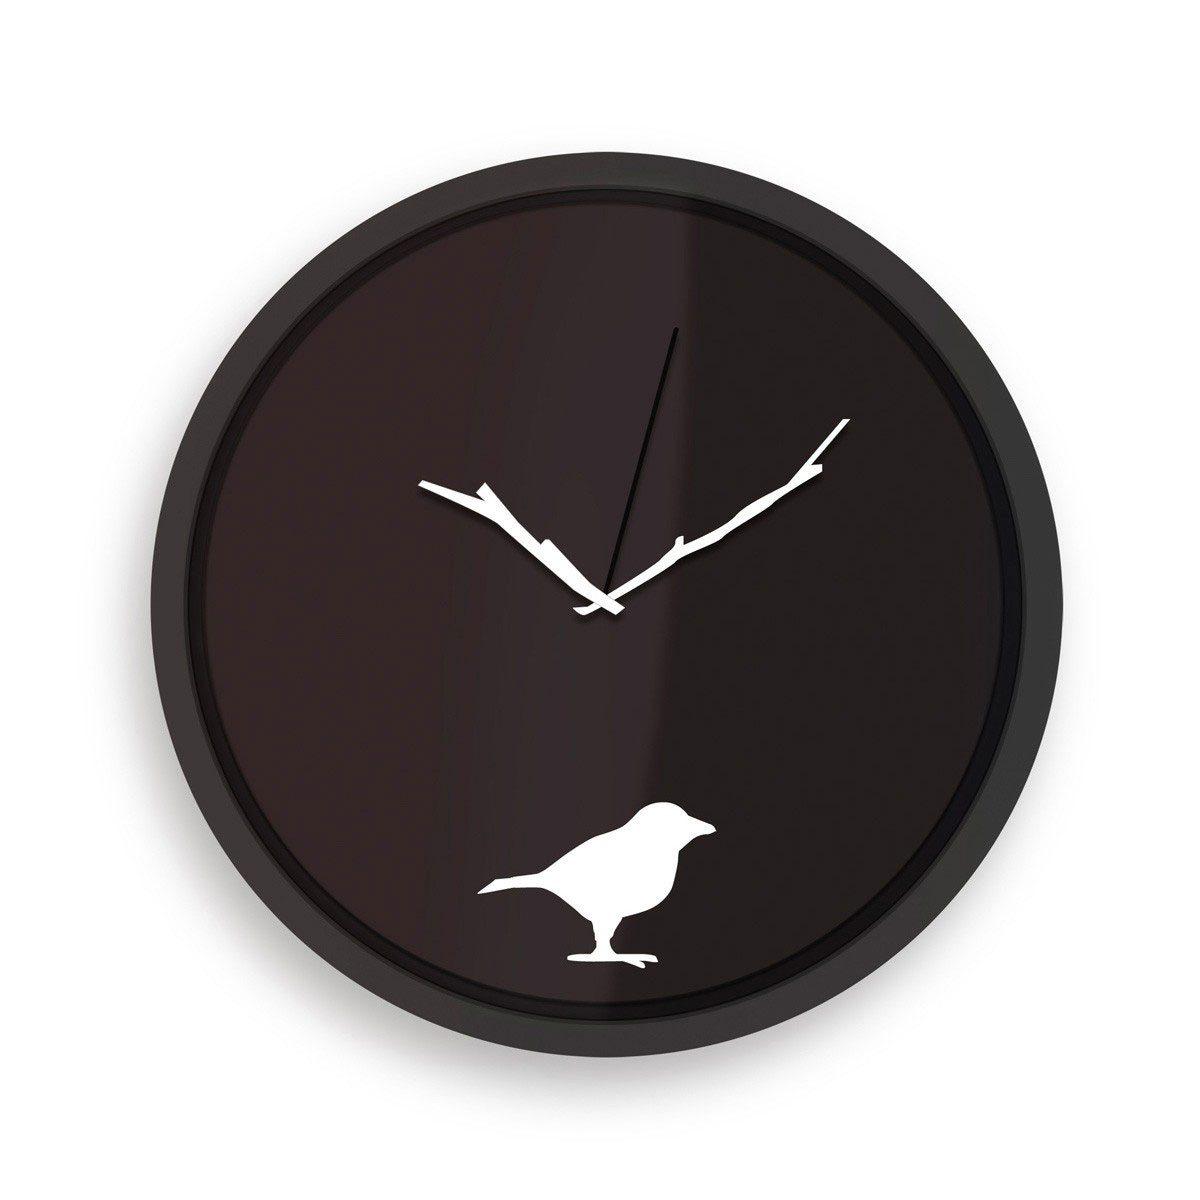 Reloj de pared con estilo muy natural - Pájaro madrugador